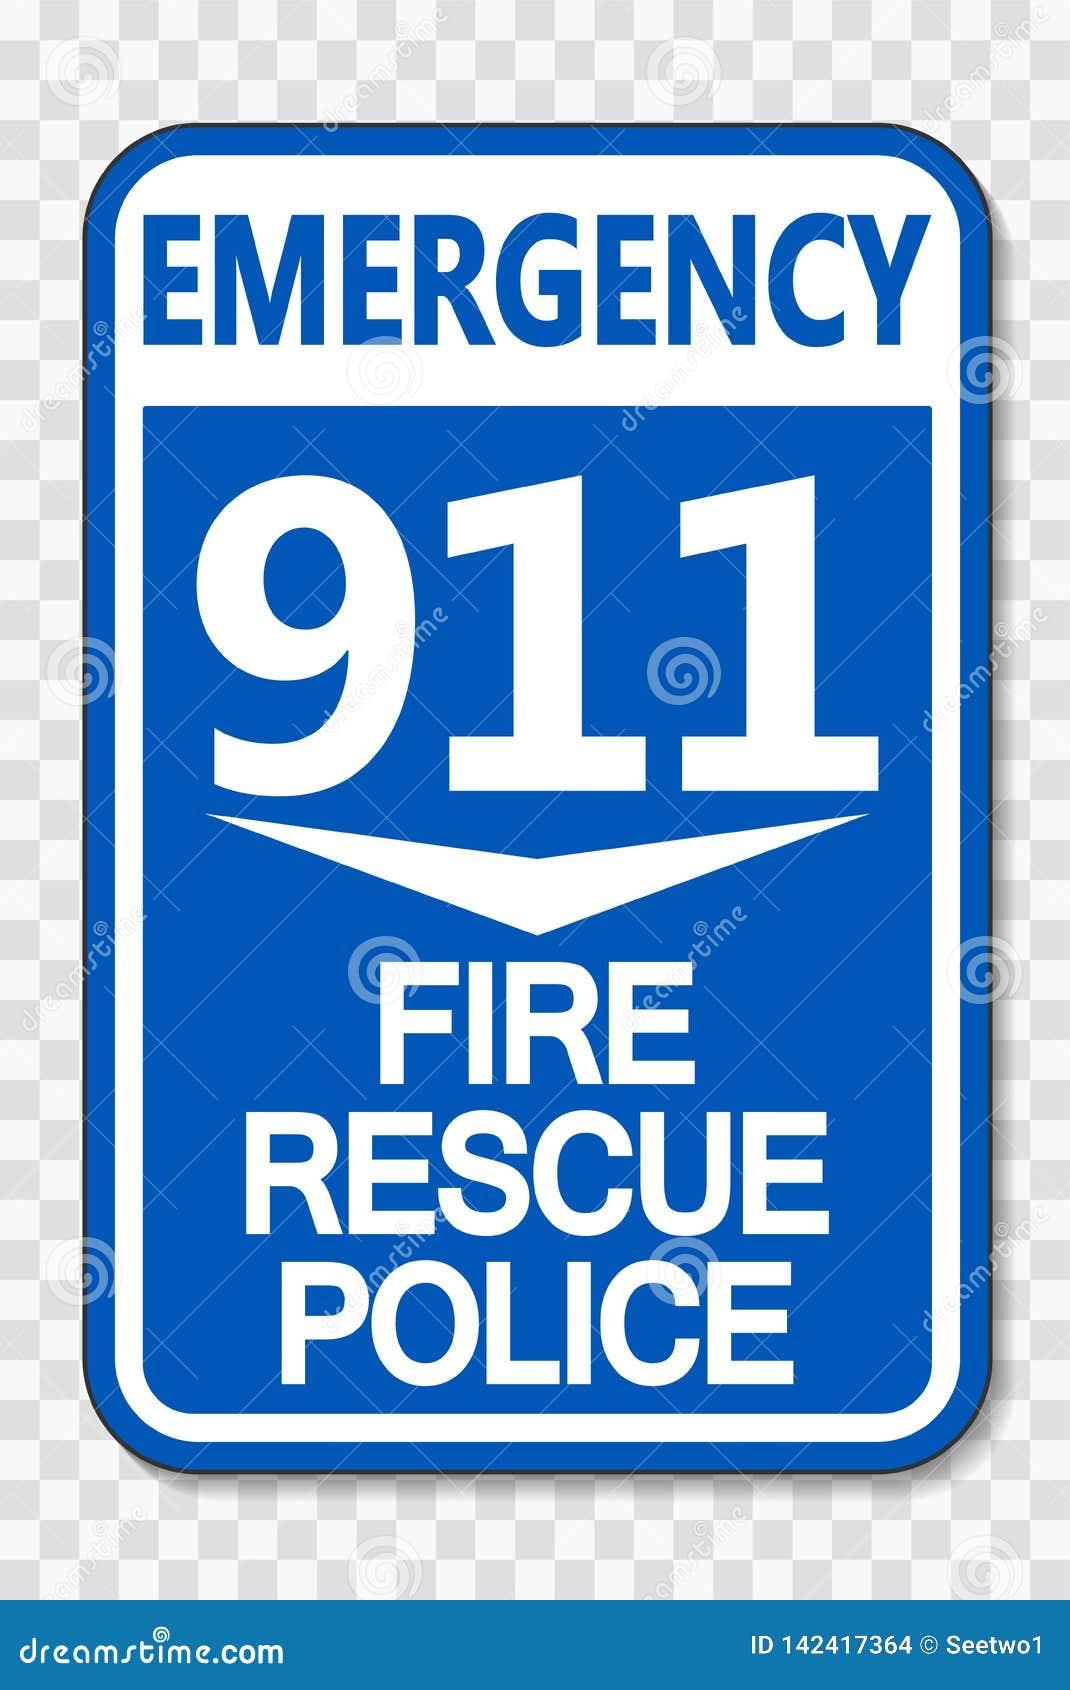 Muestra de la policía del rescate del fuego del símbolo 911 en fondo transparente